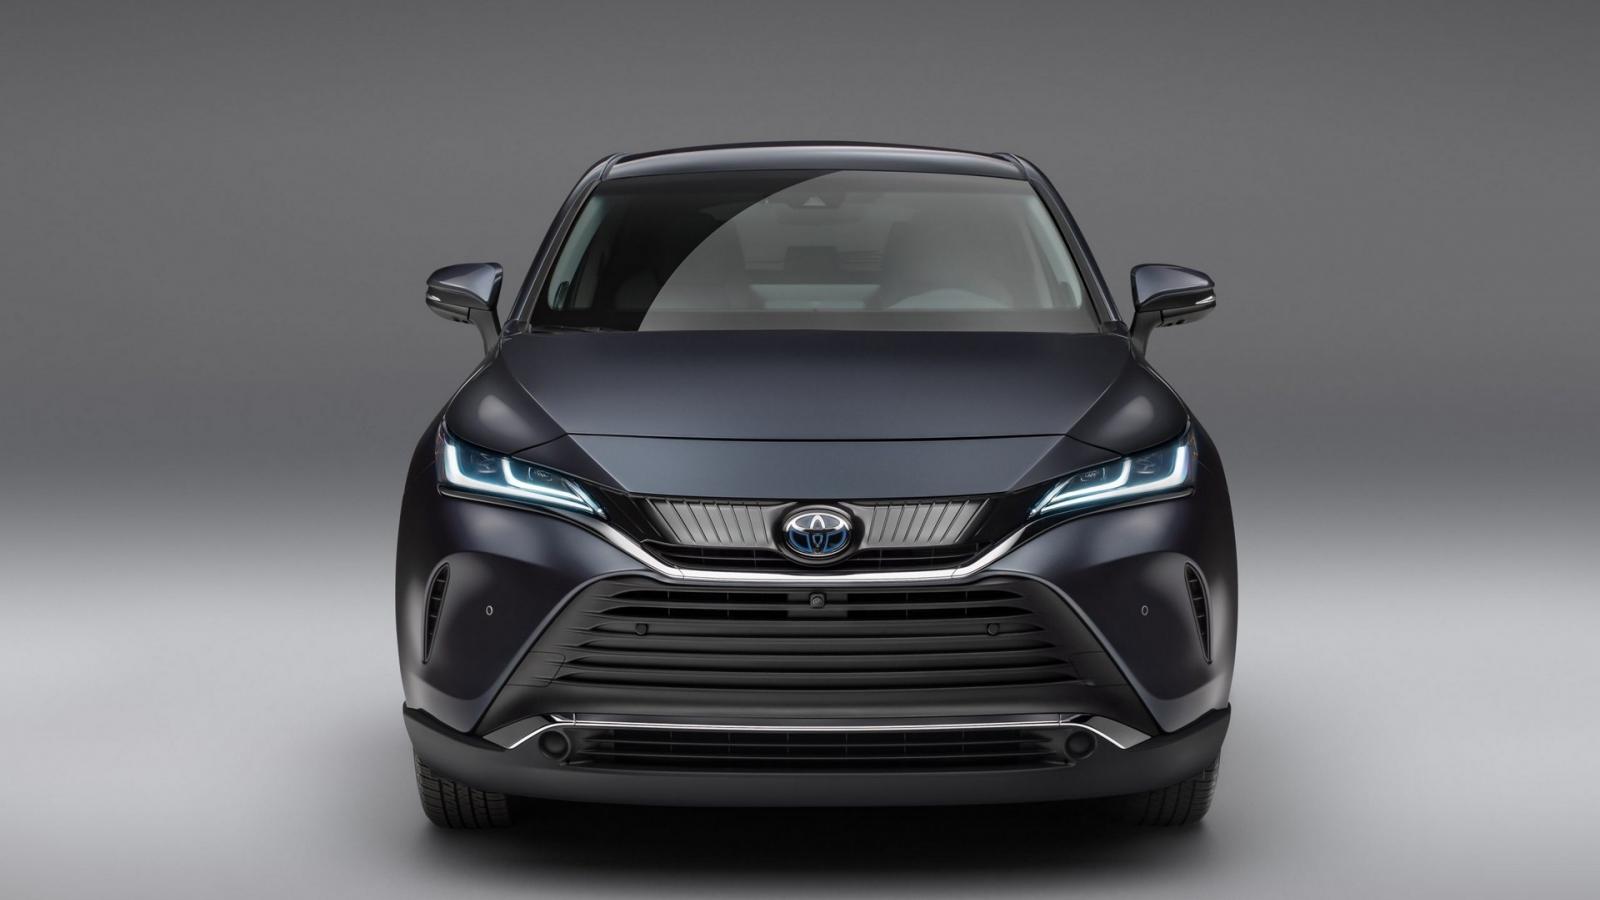 Toyota Venza 2021 thay đổi ấn tượng sau 5 năm ngừng sản xuất